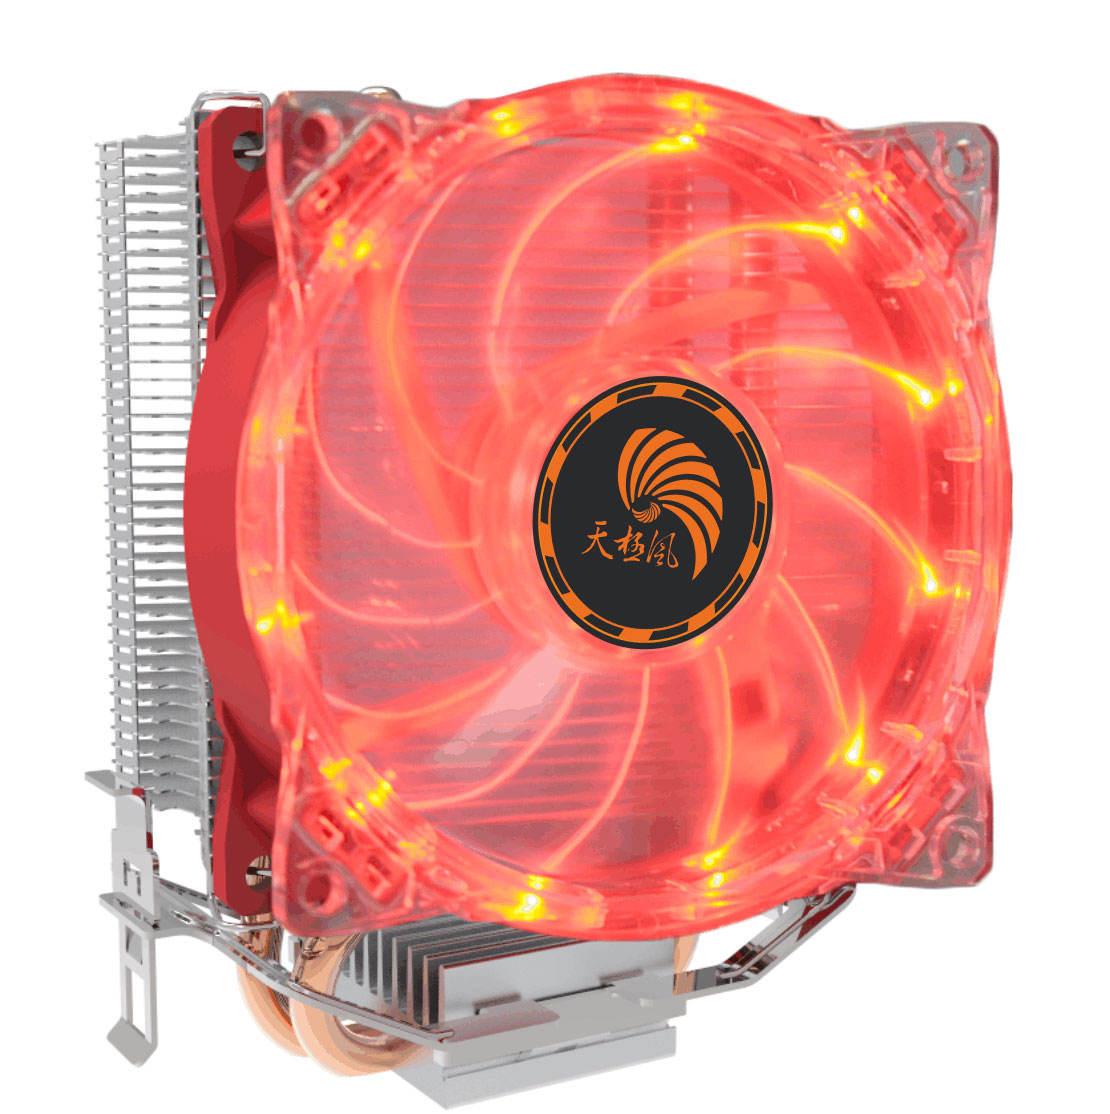 <span class=keywords><strong>Offre</strong></span> Spéciale Tube De Cuivre Dissipateur De Chaleur En Aluminium Avec LED Rouge